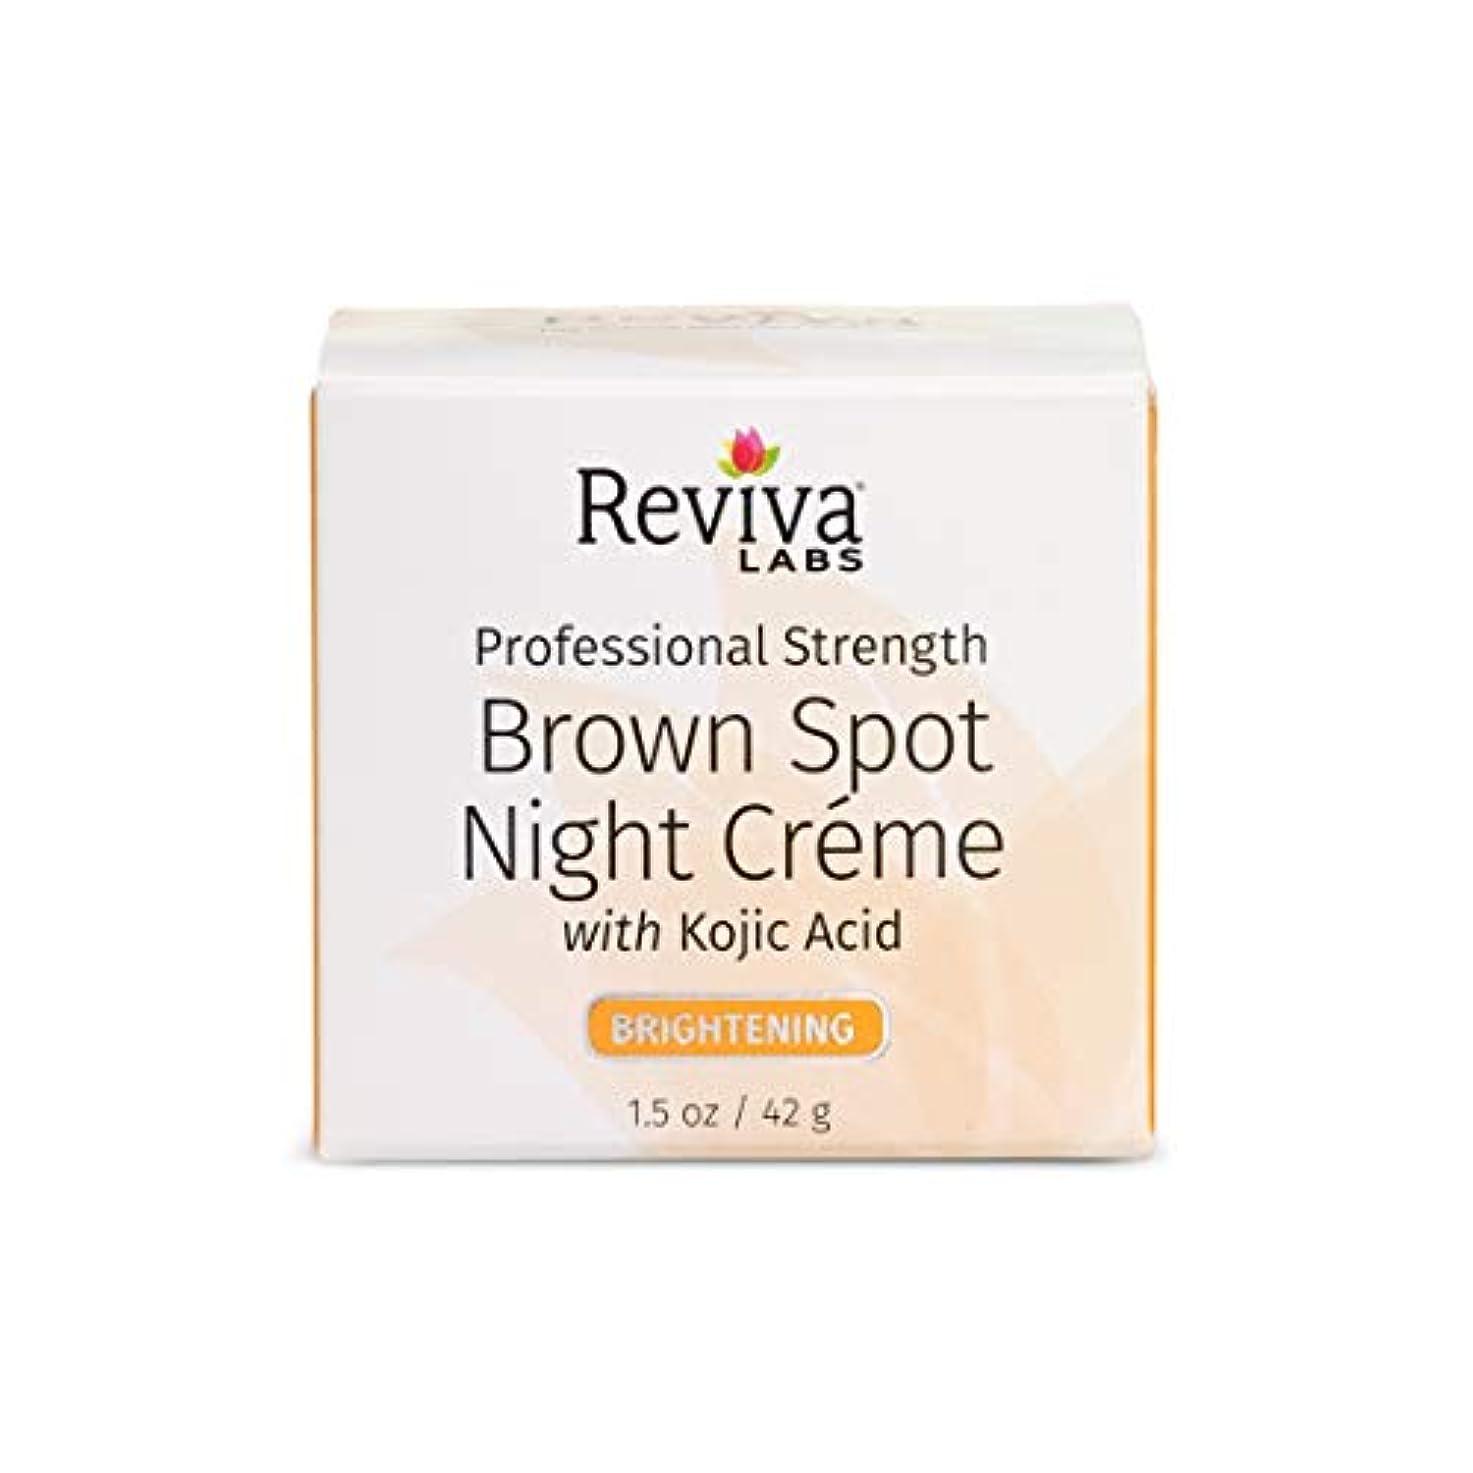 代わりにを立てる道徳教育悪性腫瘍海外直送品 Reviva Brown Spot Night Cream, with Kojic Acid EA 1/1 OZ